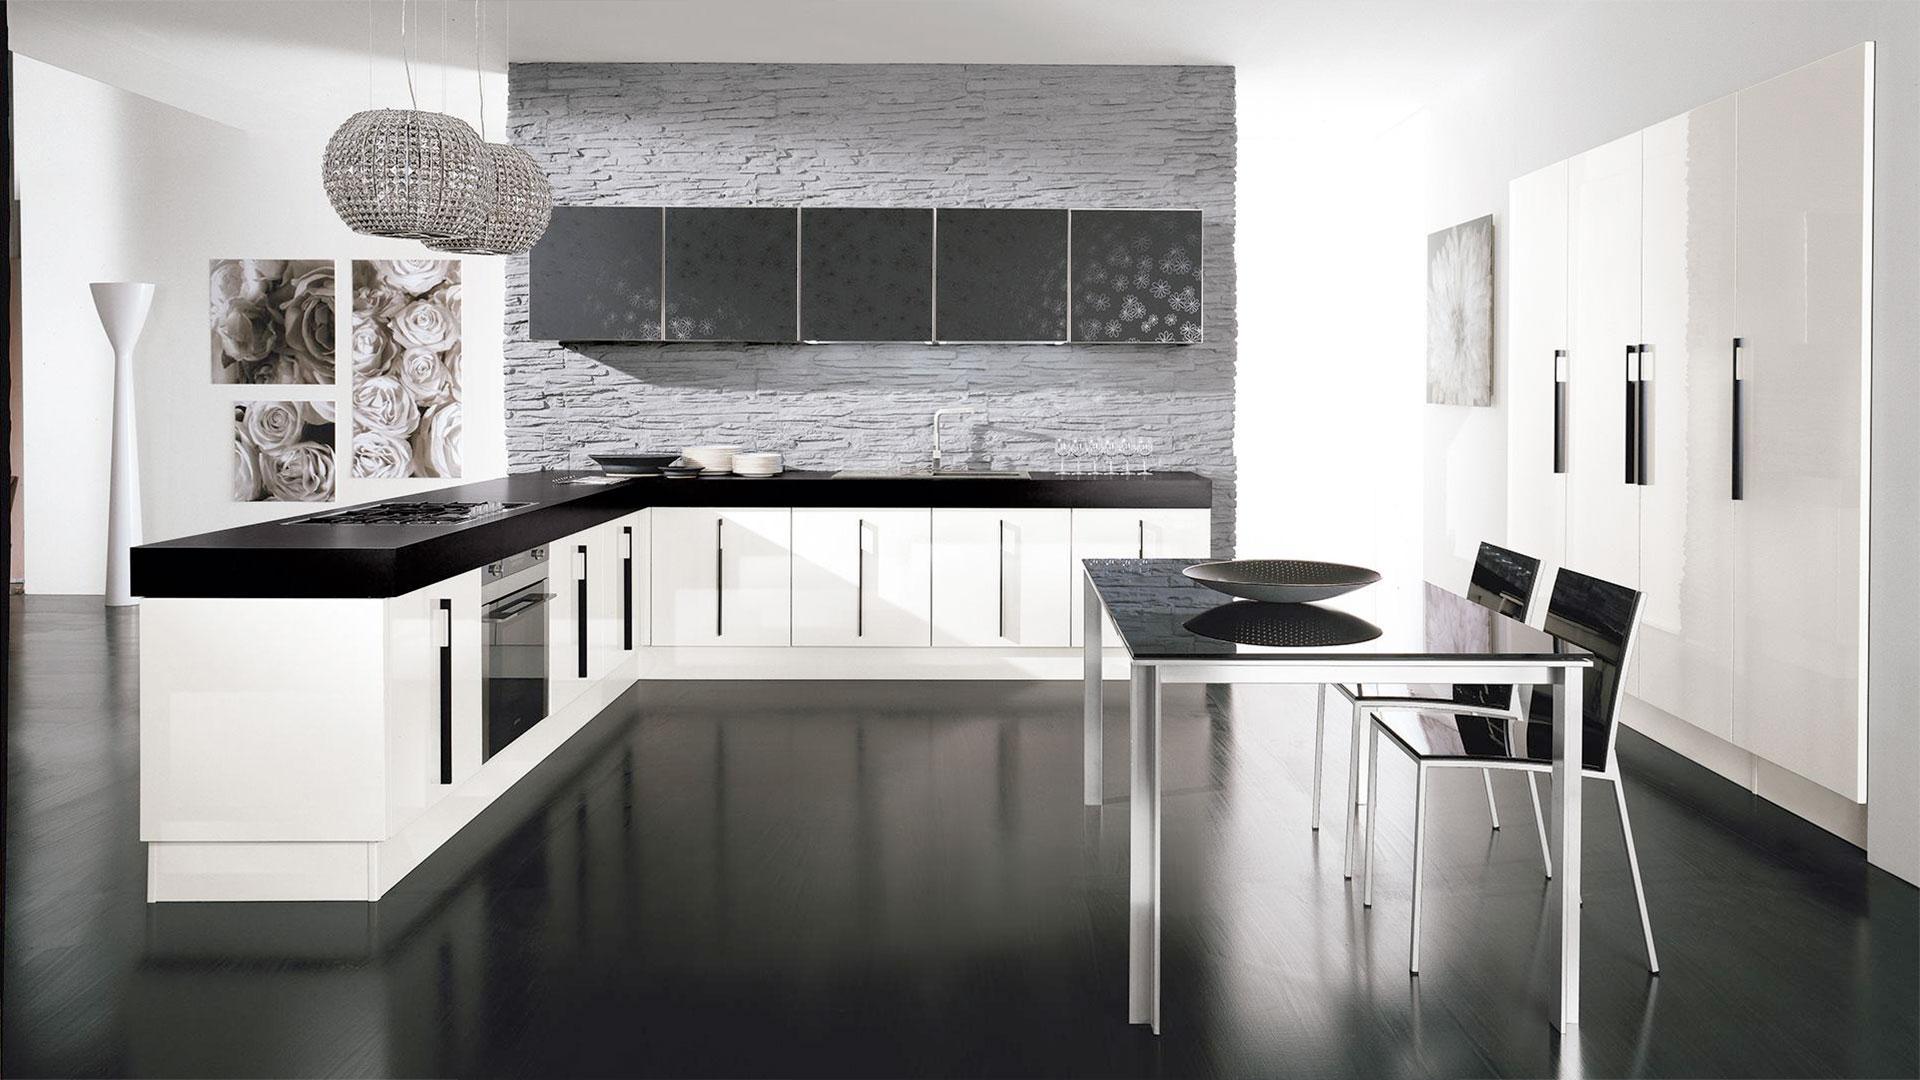 Cucine da comporre best arredi with cucine da comporre - Comporre una cucina ...